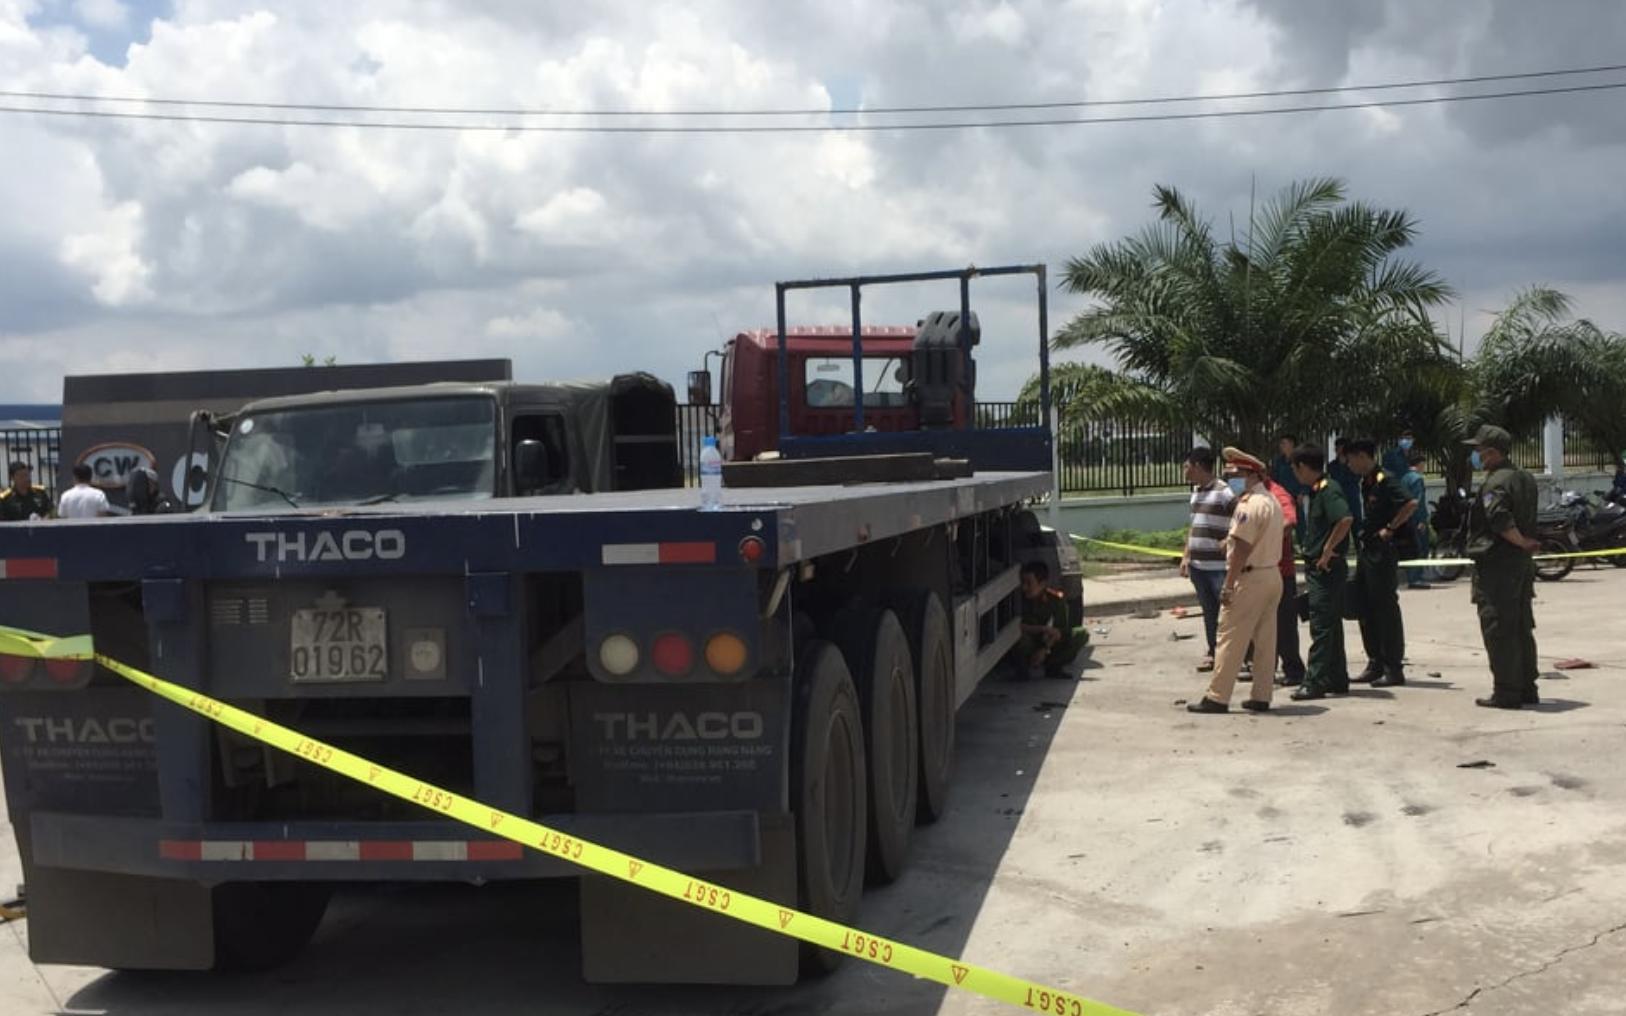 Bình Dương: Container tông xe quân sự, 1 chiến sĩ dân quân tử vong, 6 người khác bị thương